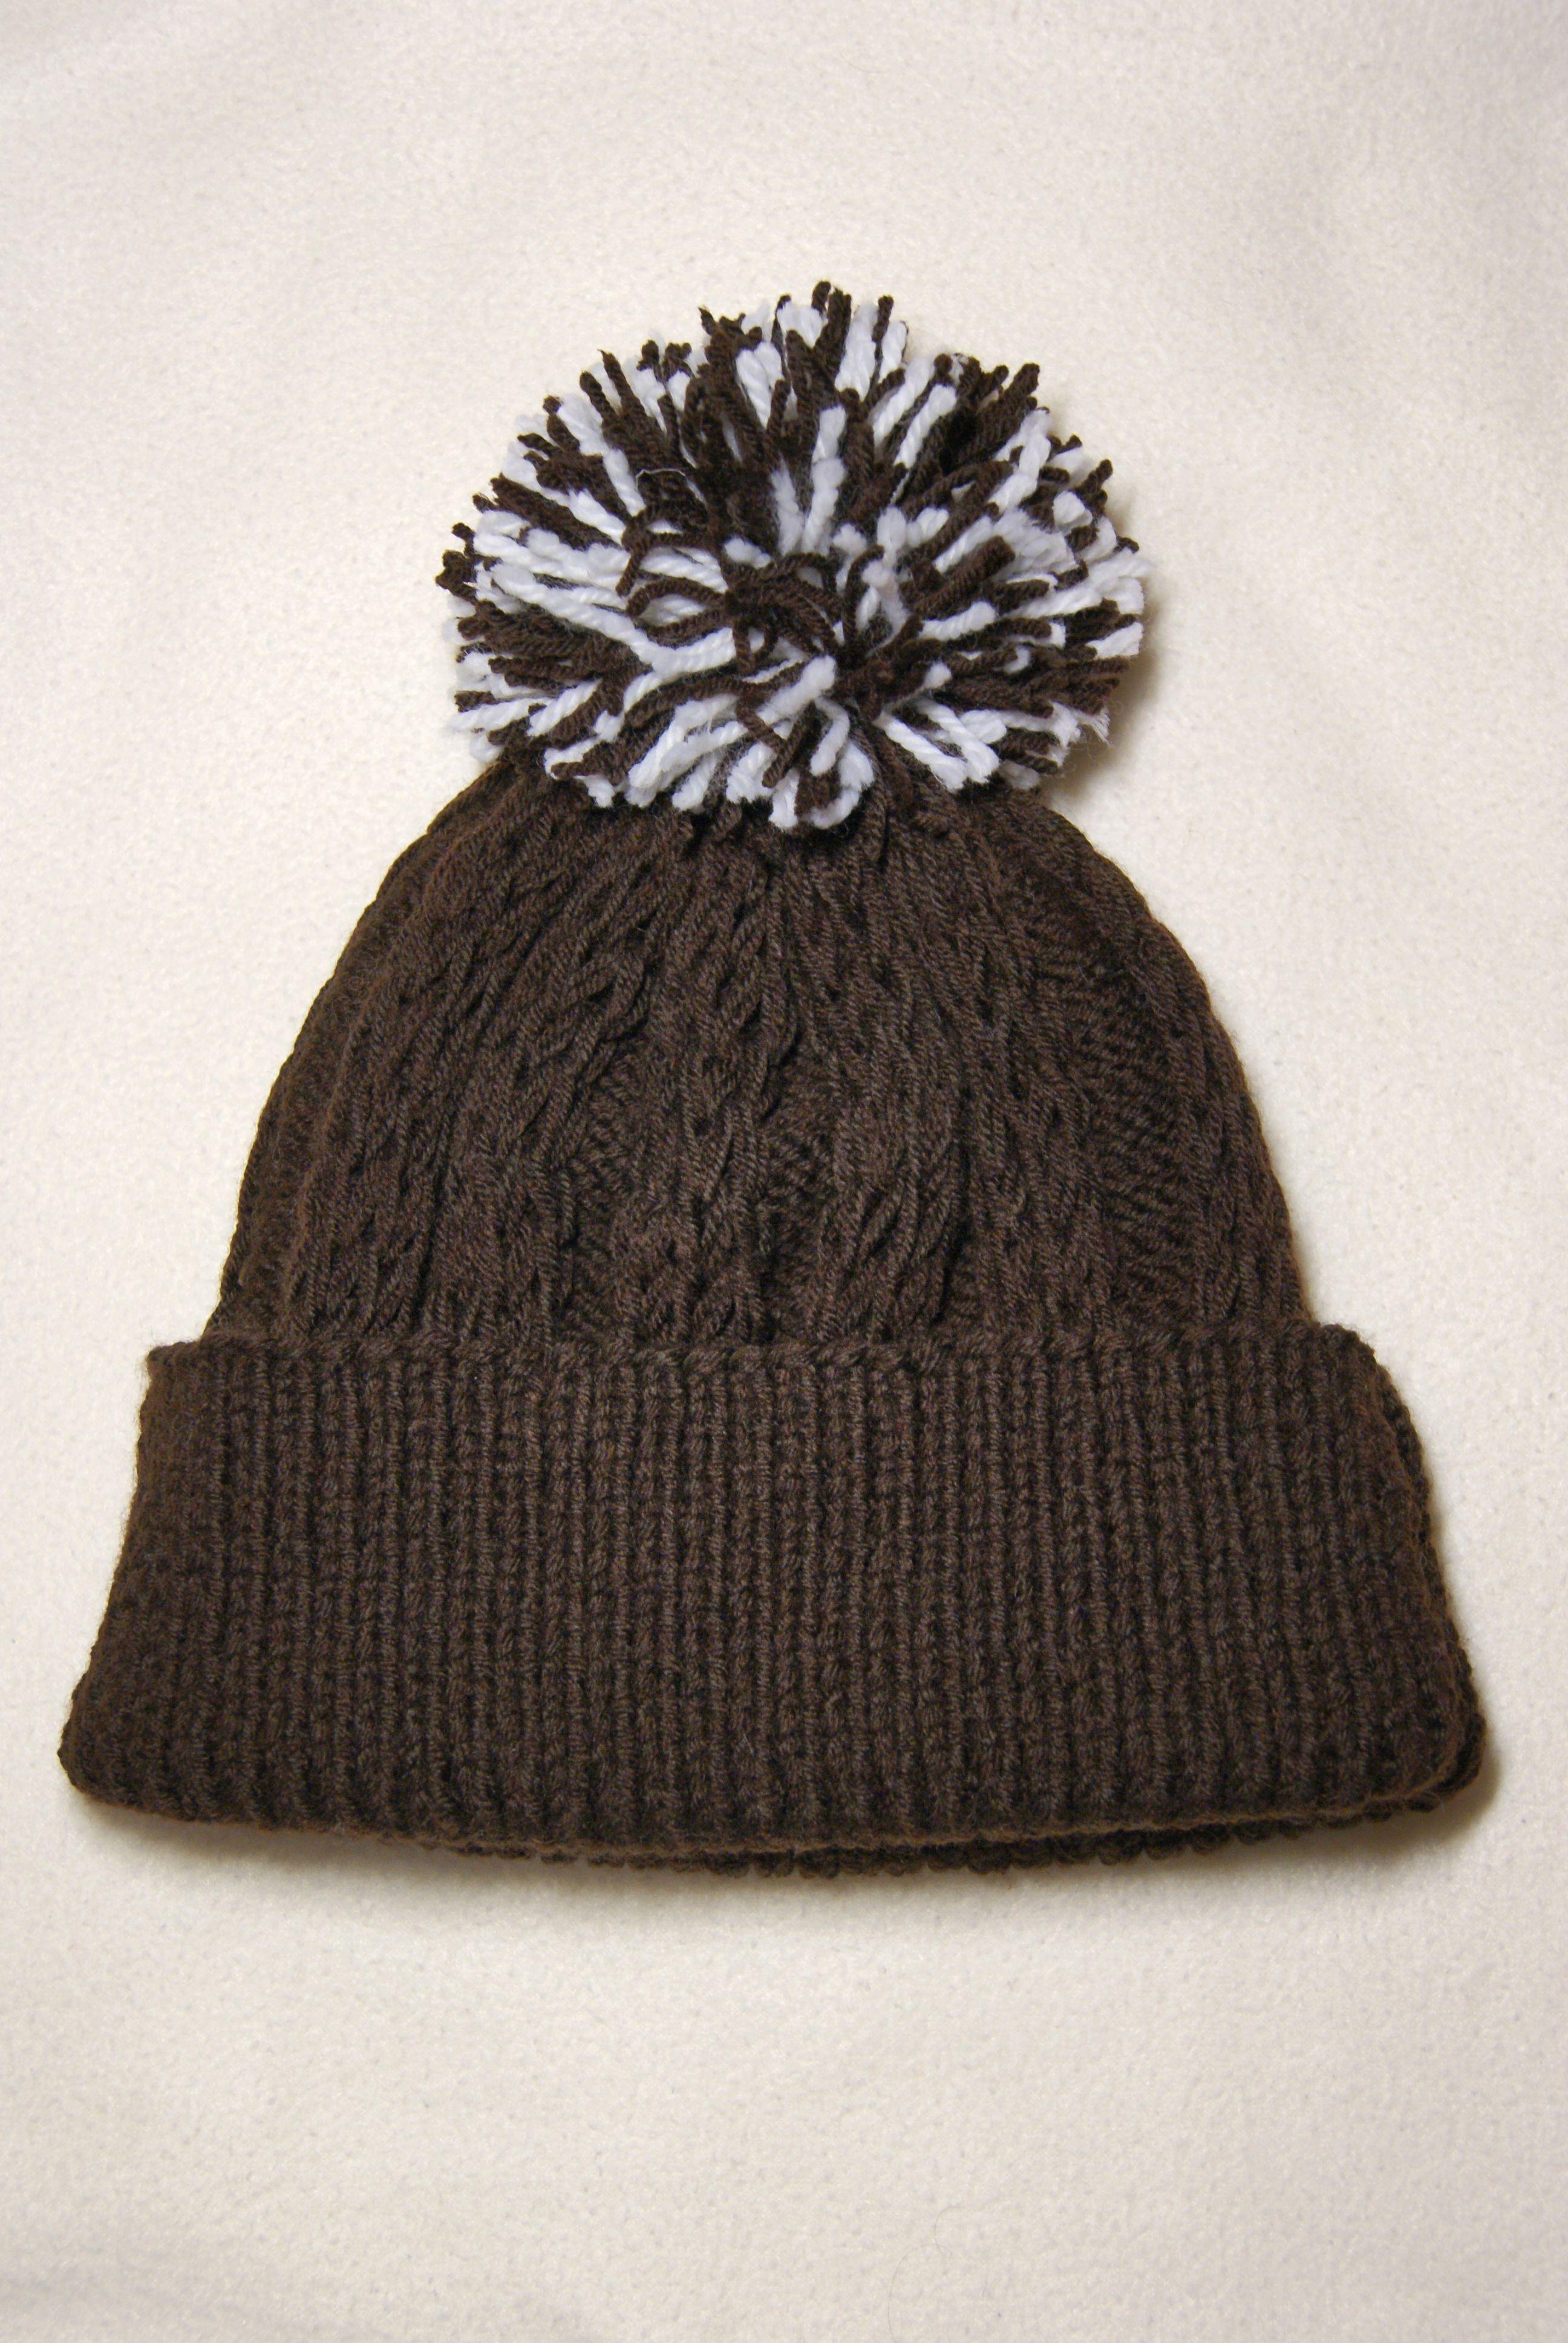 вязаниеназаказ помпон вяжутнетолькобабушки шоколад вяжуназаказ тепло шапка уют зима коричневый вязание зимняяшапка зефир